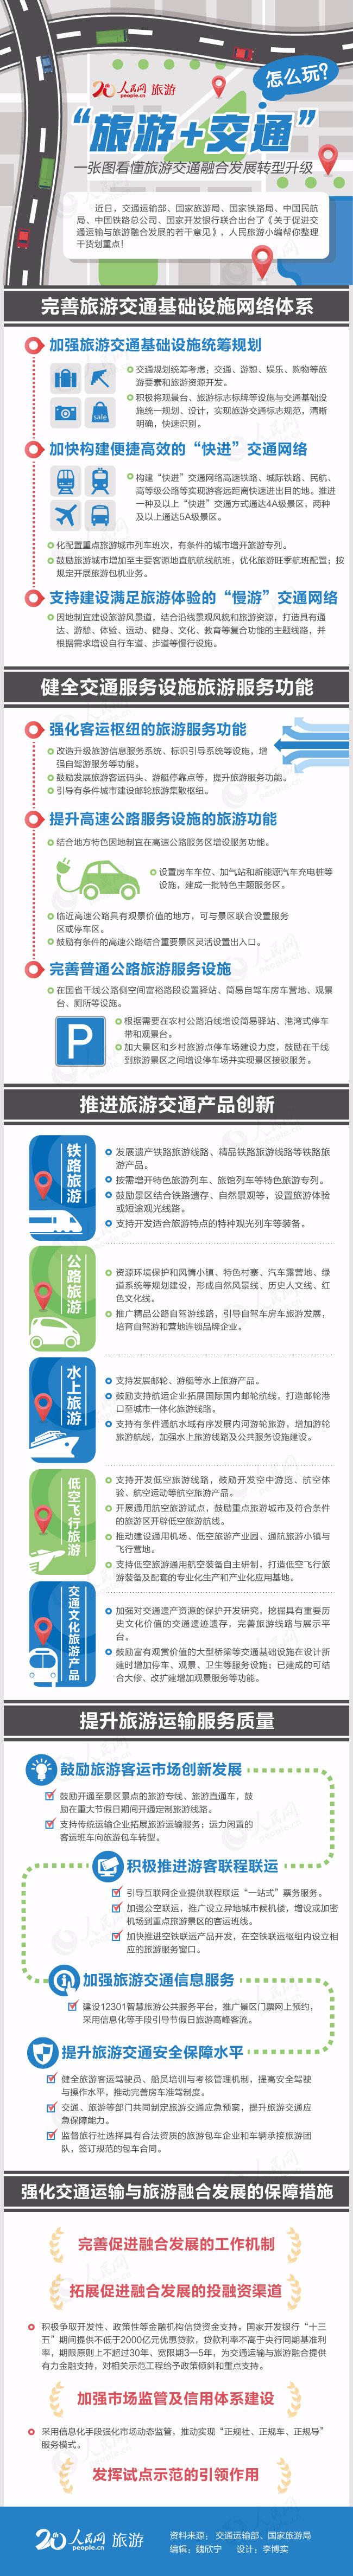 """融合发展转型升级 一图看懂未来""""旅游+交通"""""""